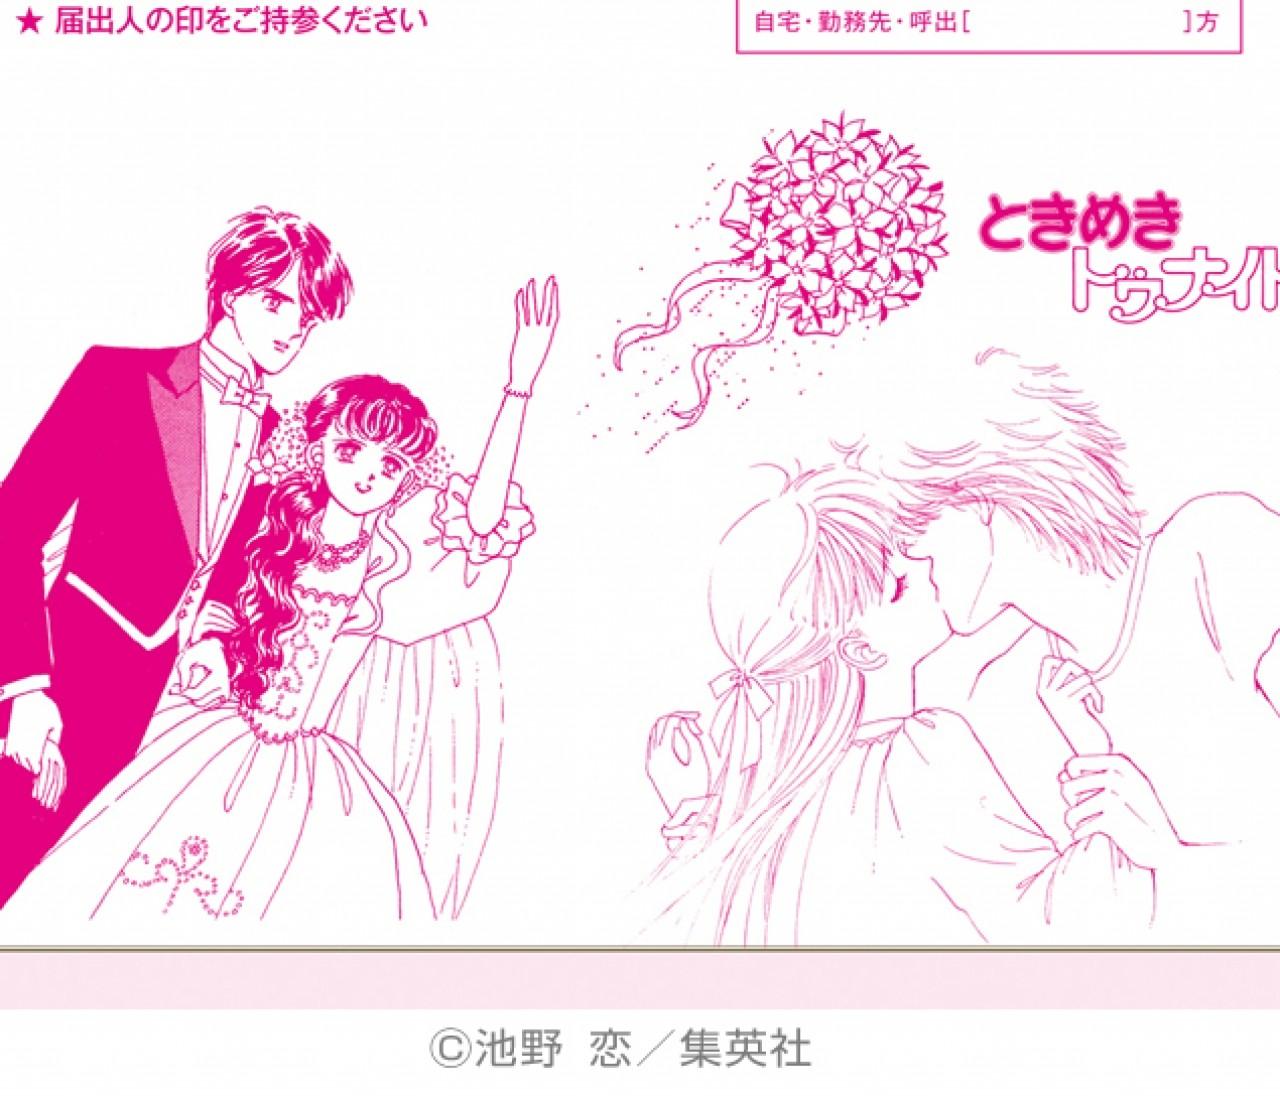 『ときめきトゥナイト』×BAILAのコラボ婚姻届が付録に!!!